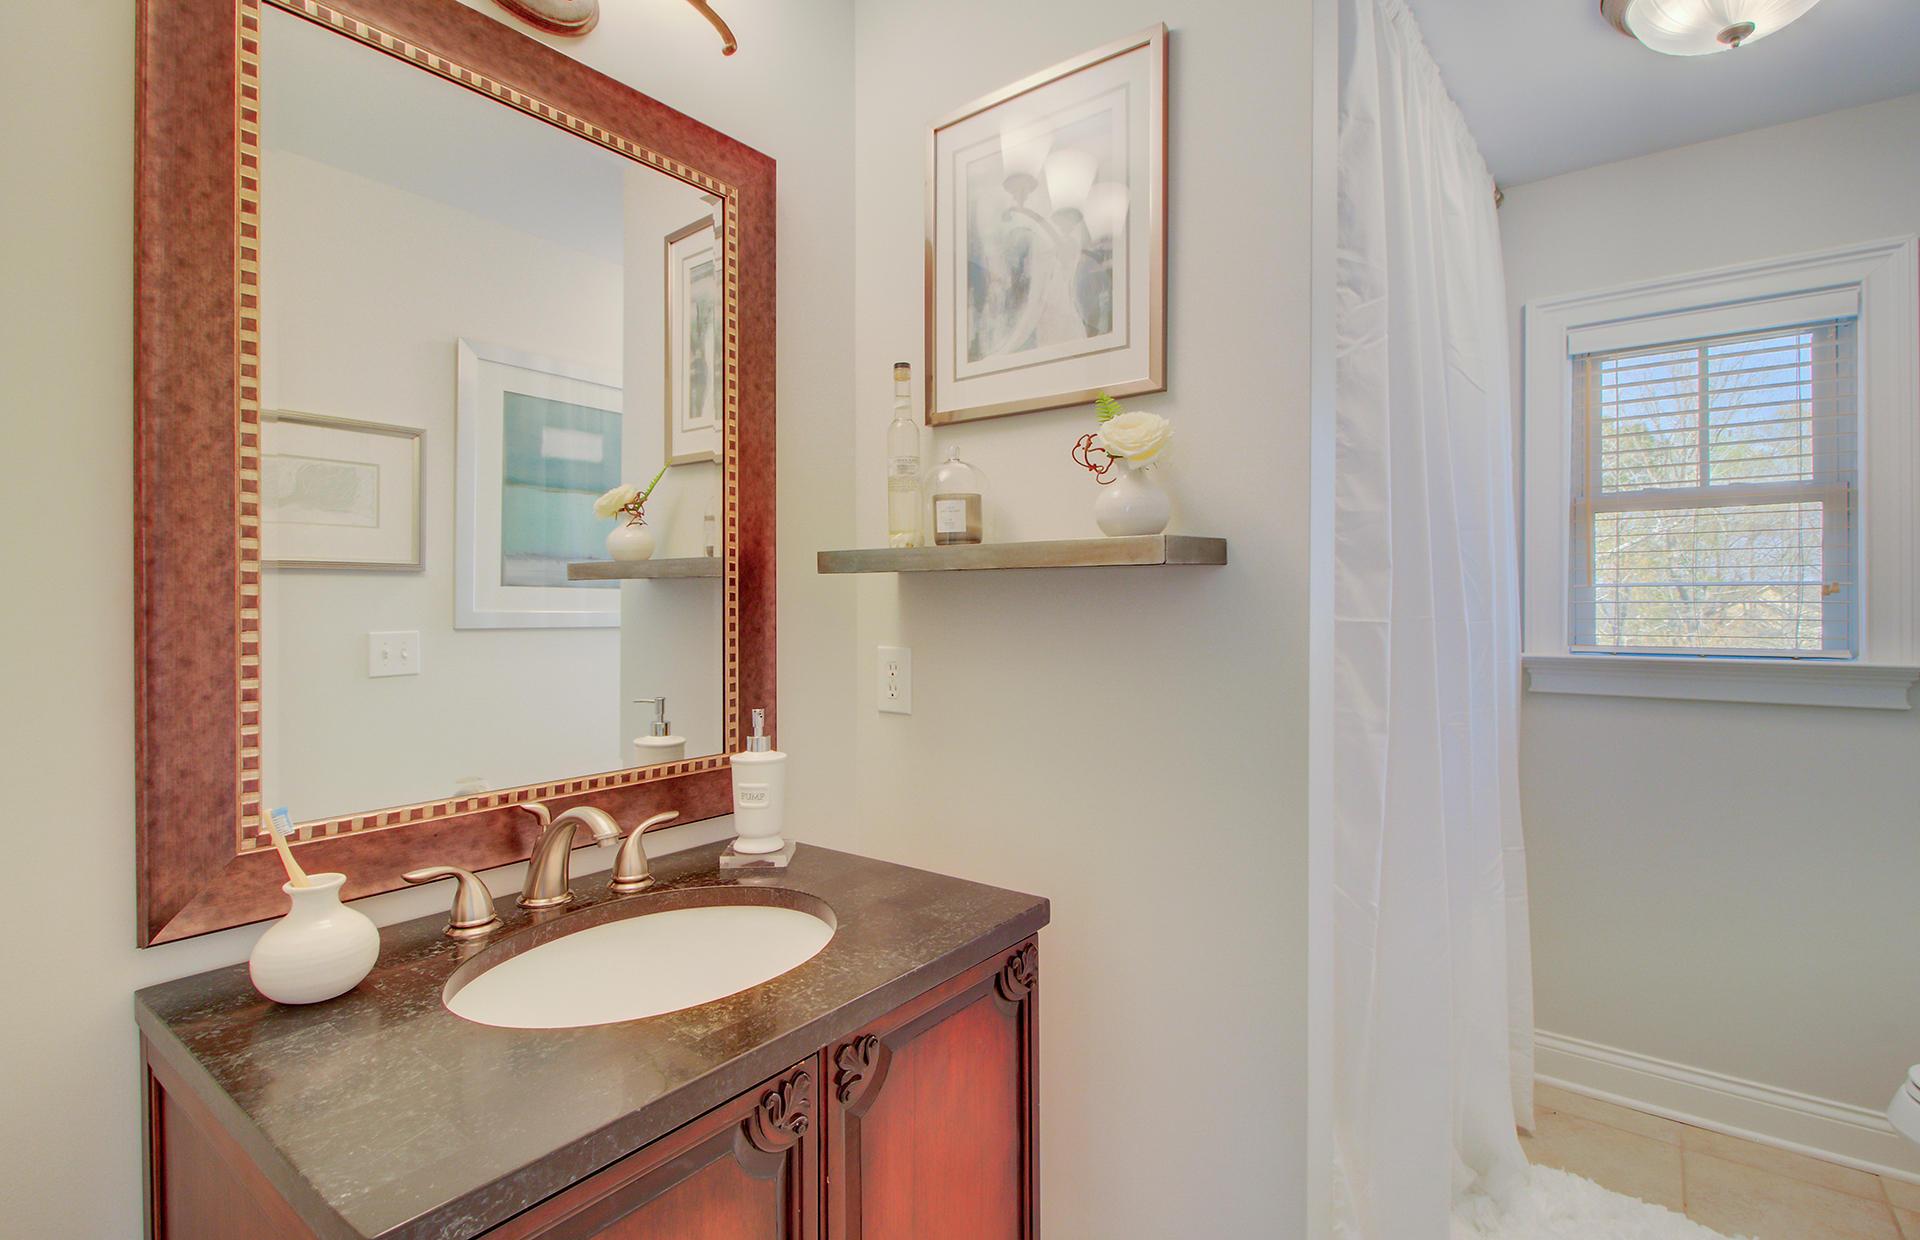 Dunes West Homes For Sale - 2913 Yachtsman, Mount Pleasant, SC - 2